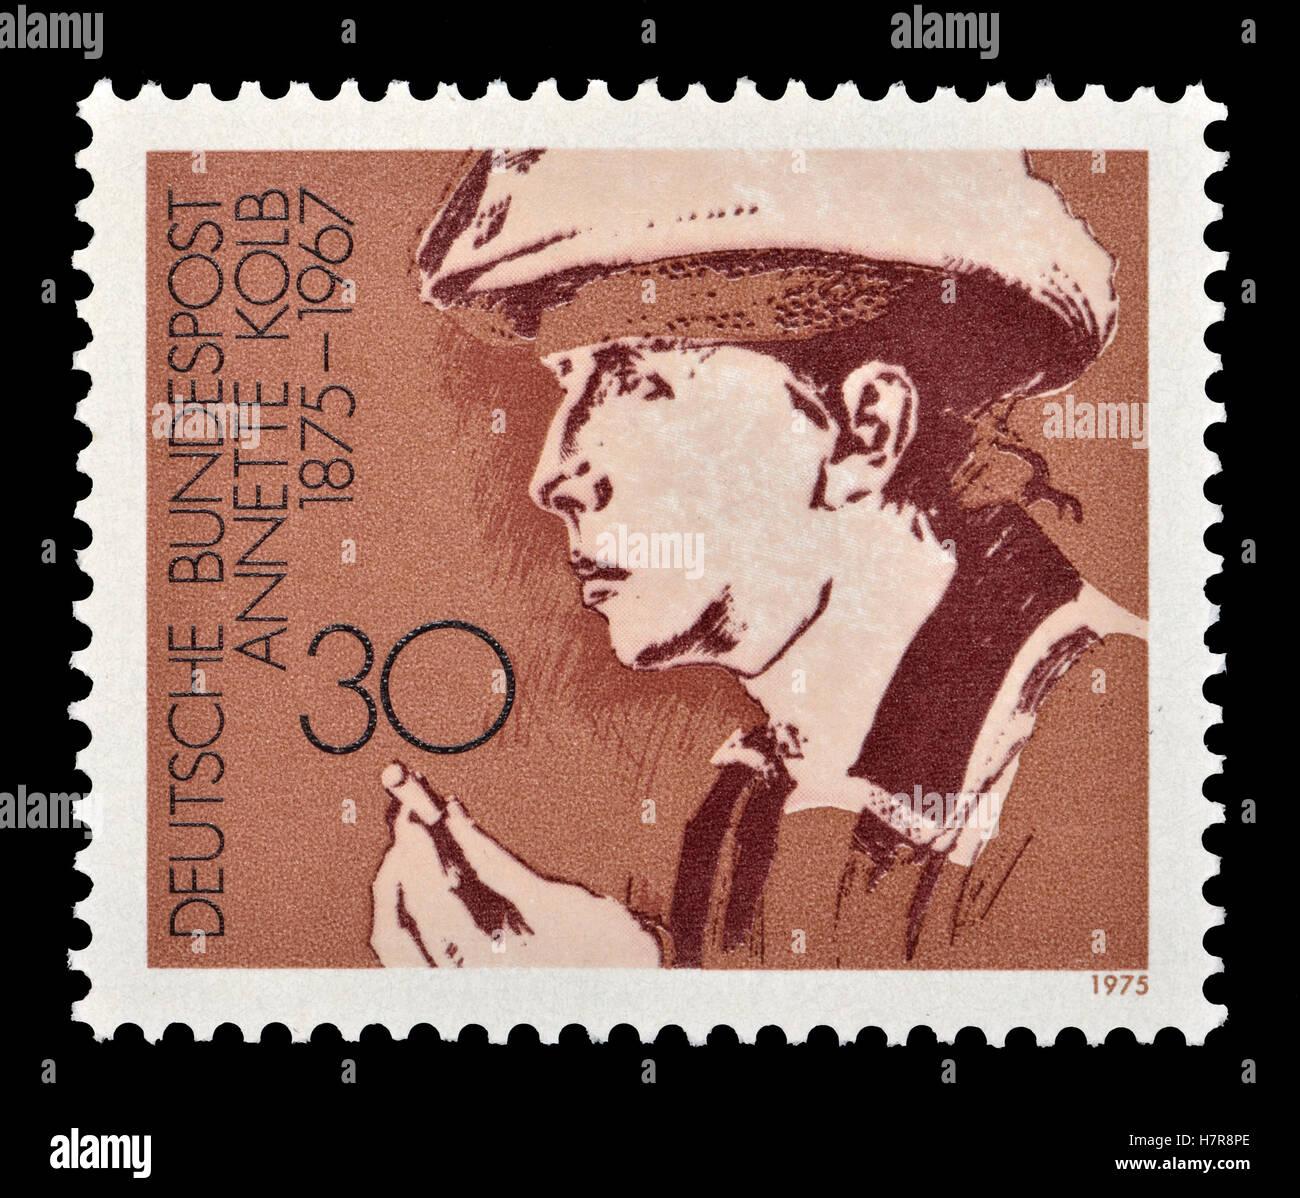 Il tedesco francobollo (1975) : Annette Kolb / Anna Mathilde Kolb (1875-1967) autore tedesco e pacifista Immagini Stock